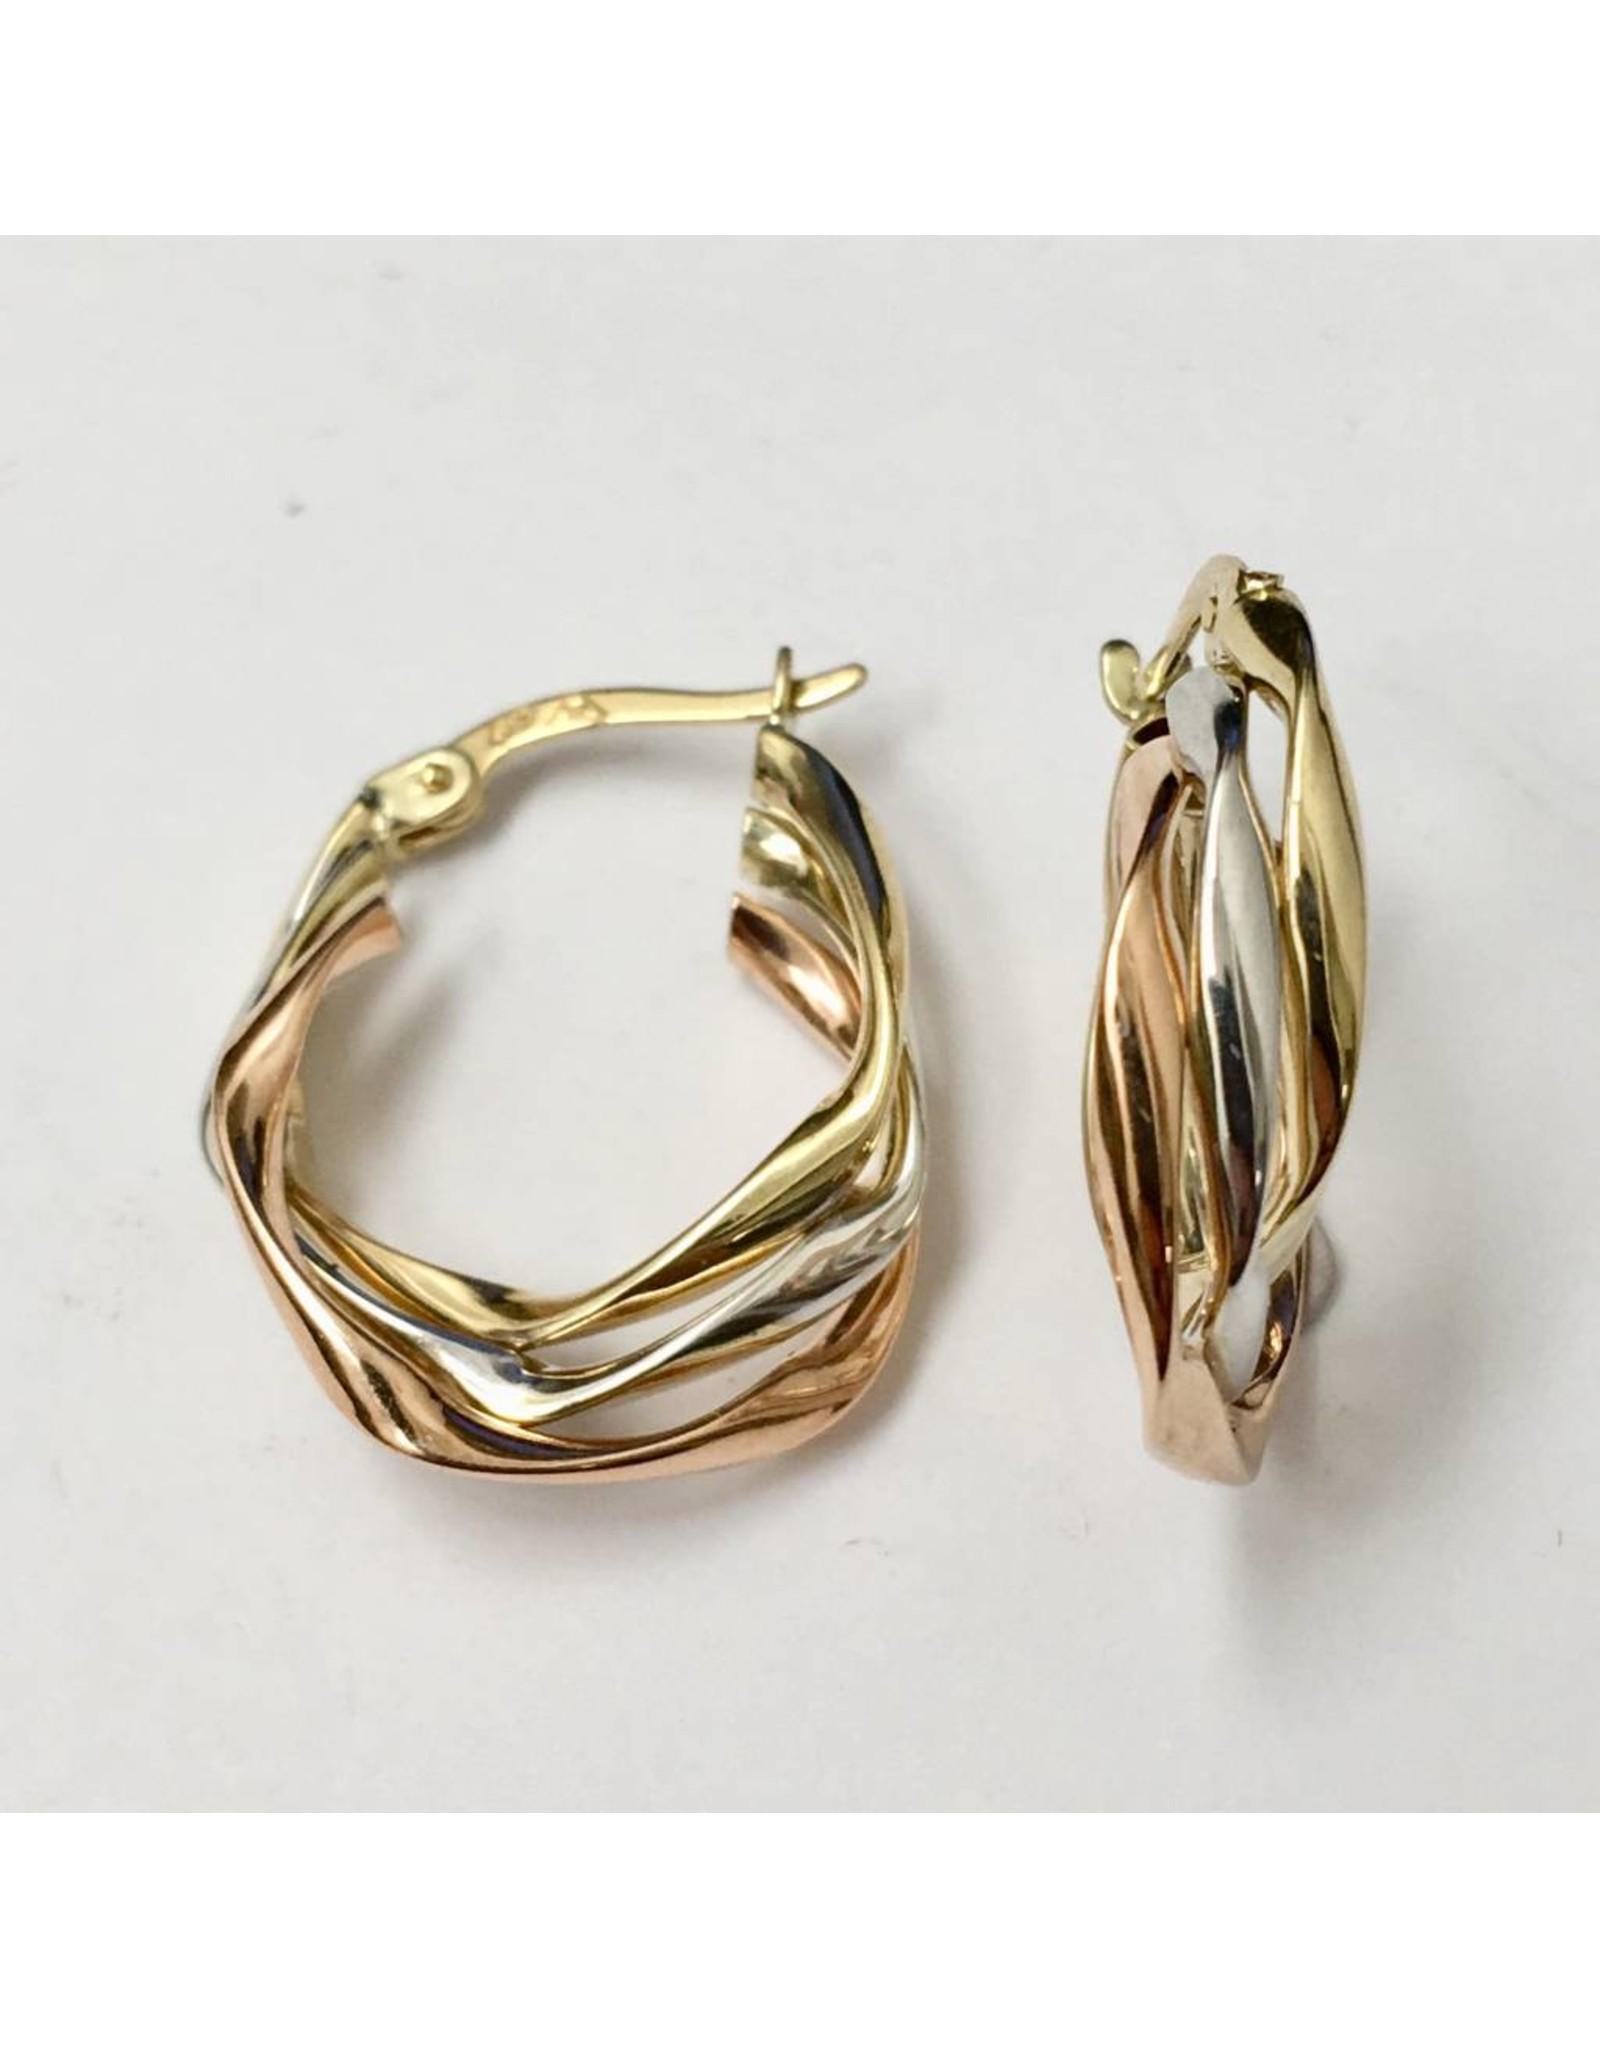 23mm Hoops Earrings 10KWYR